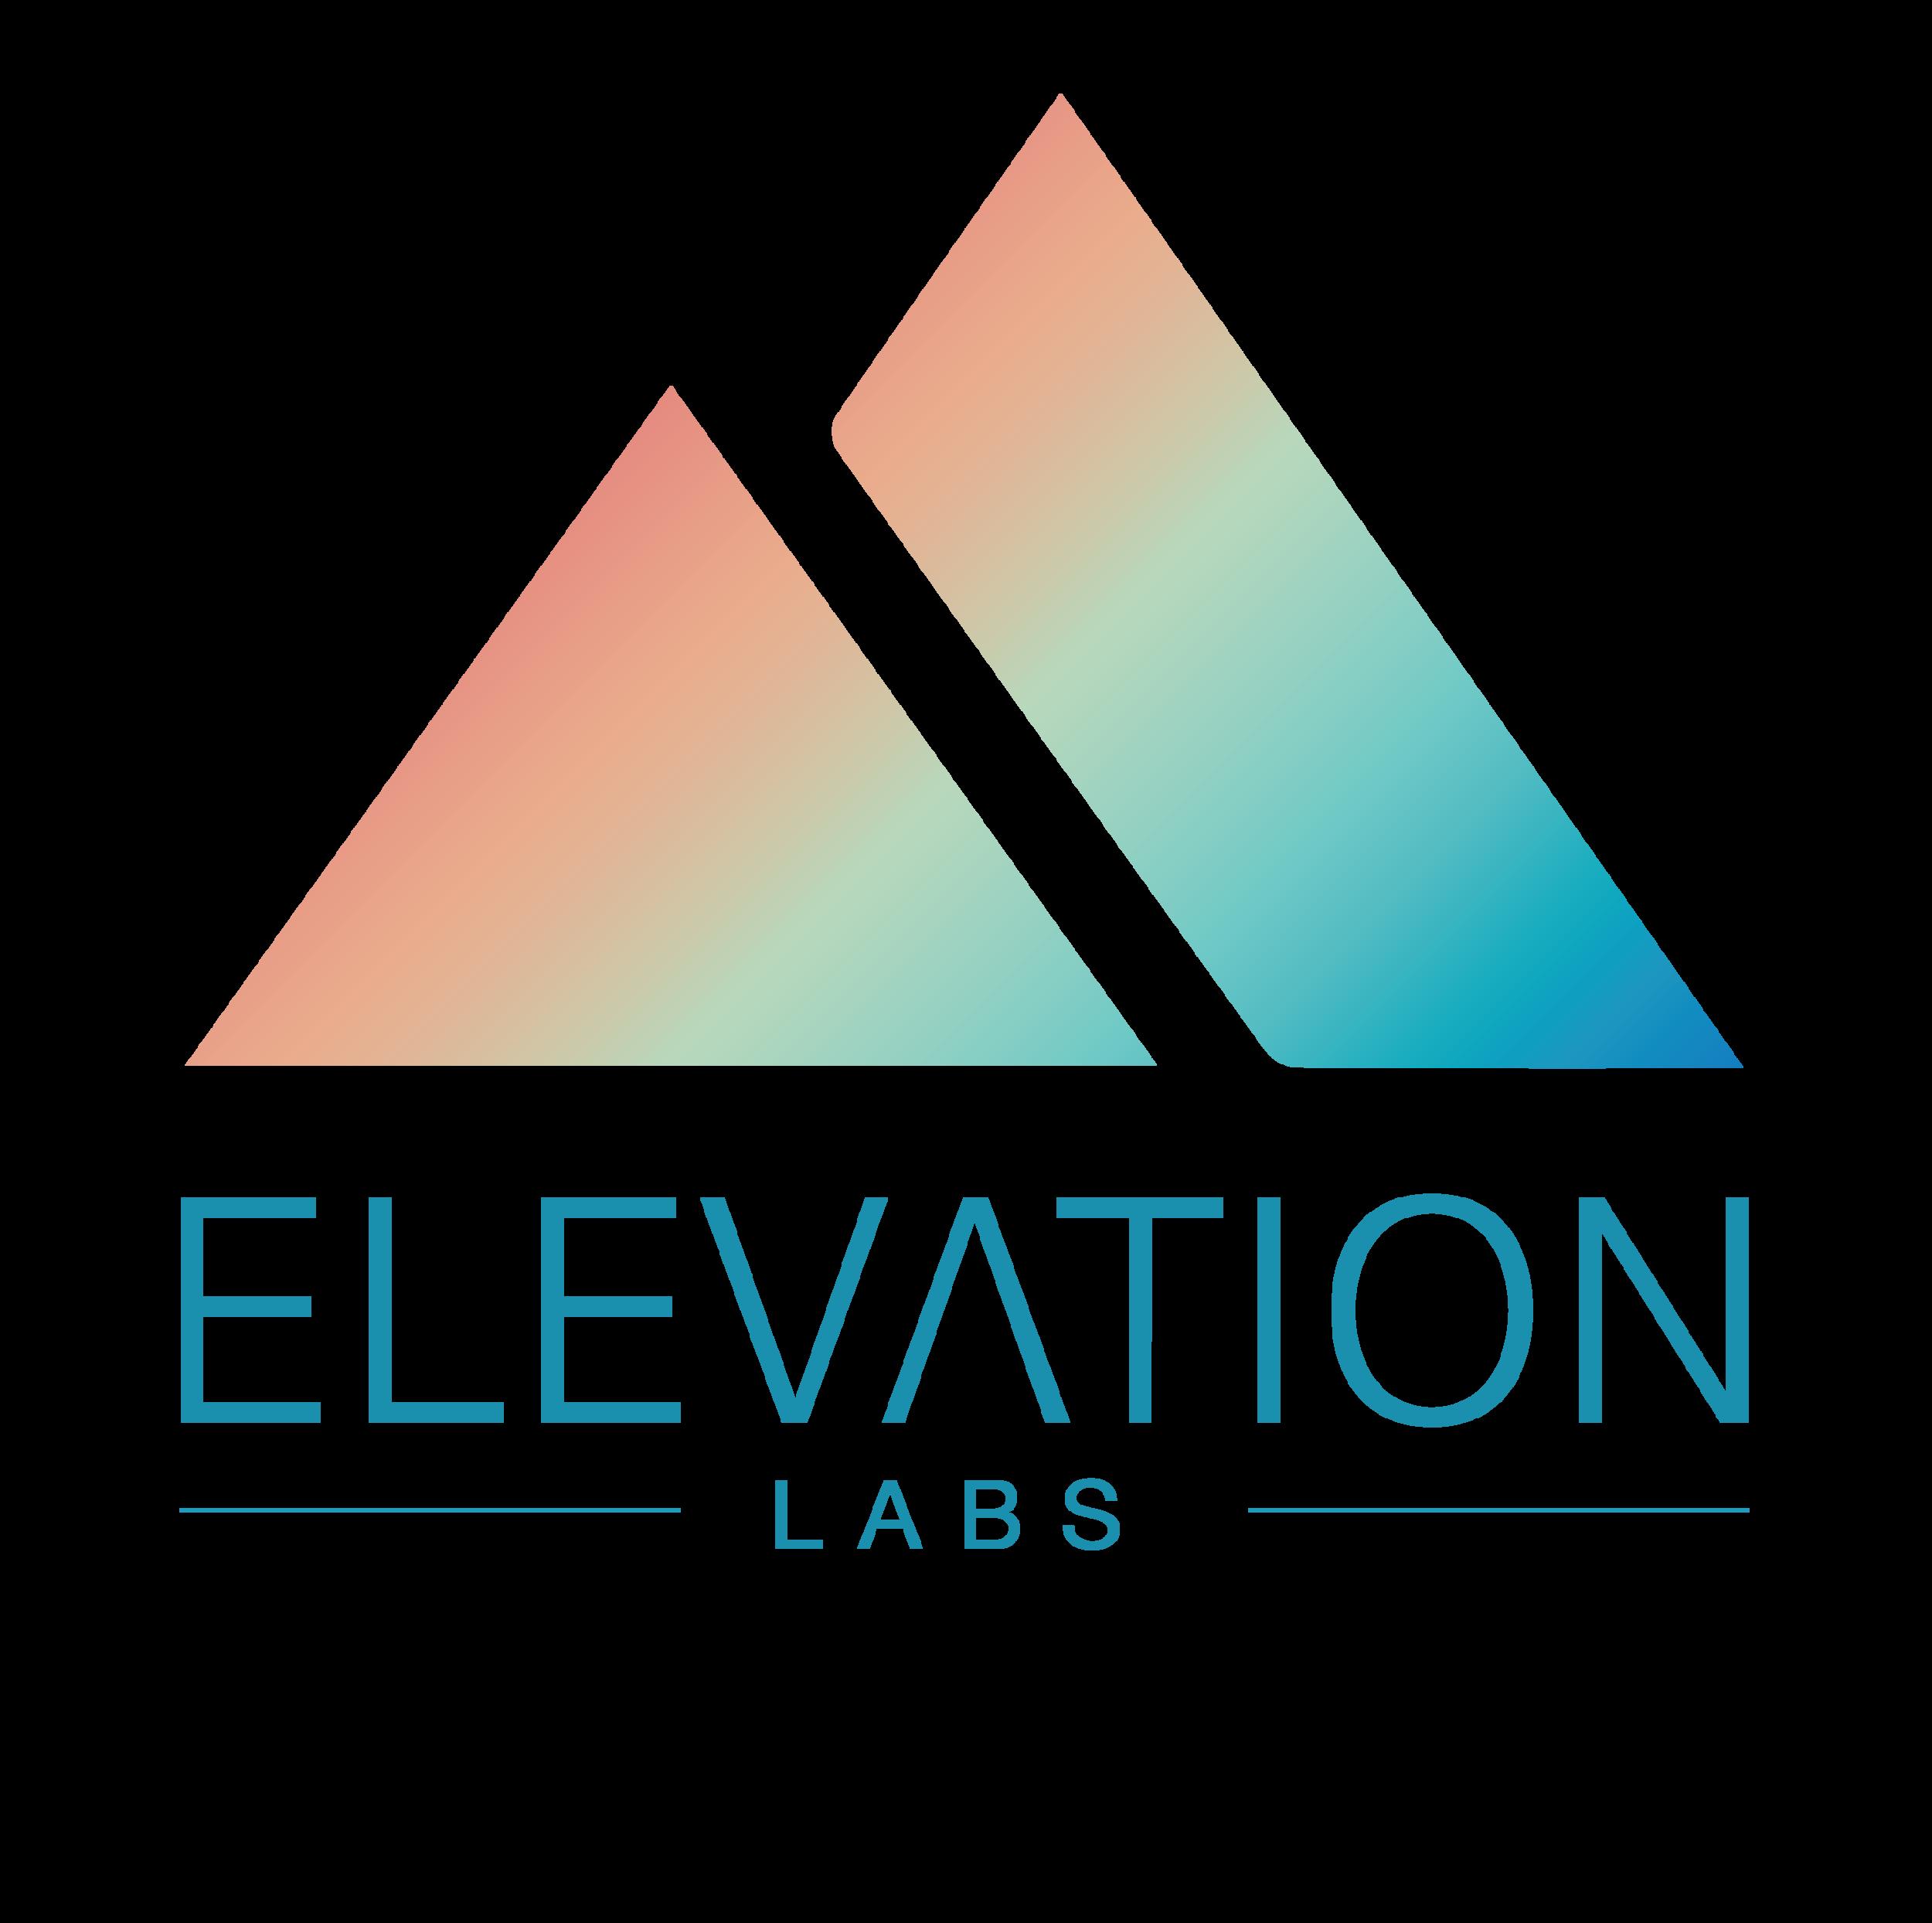 Dark_Elevation Labs 2018-01.png